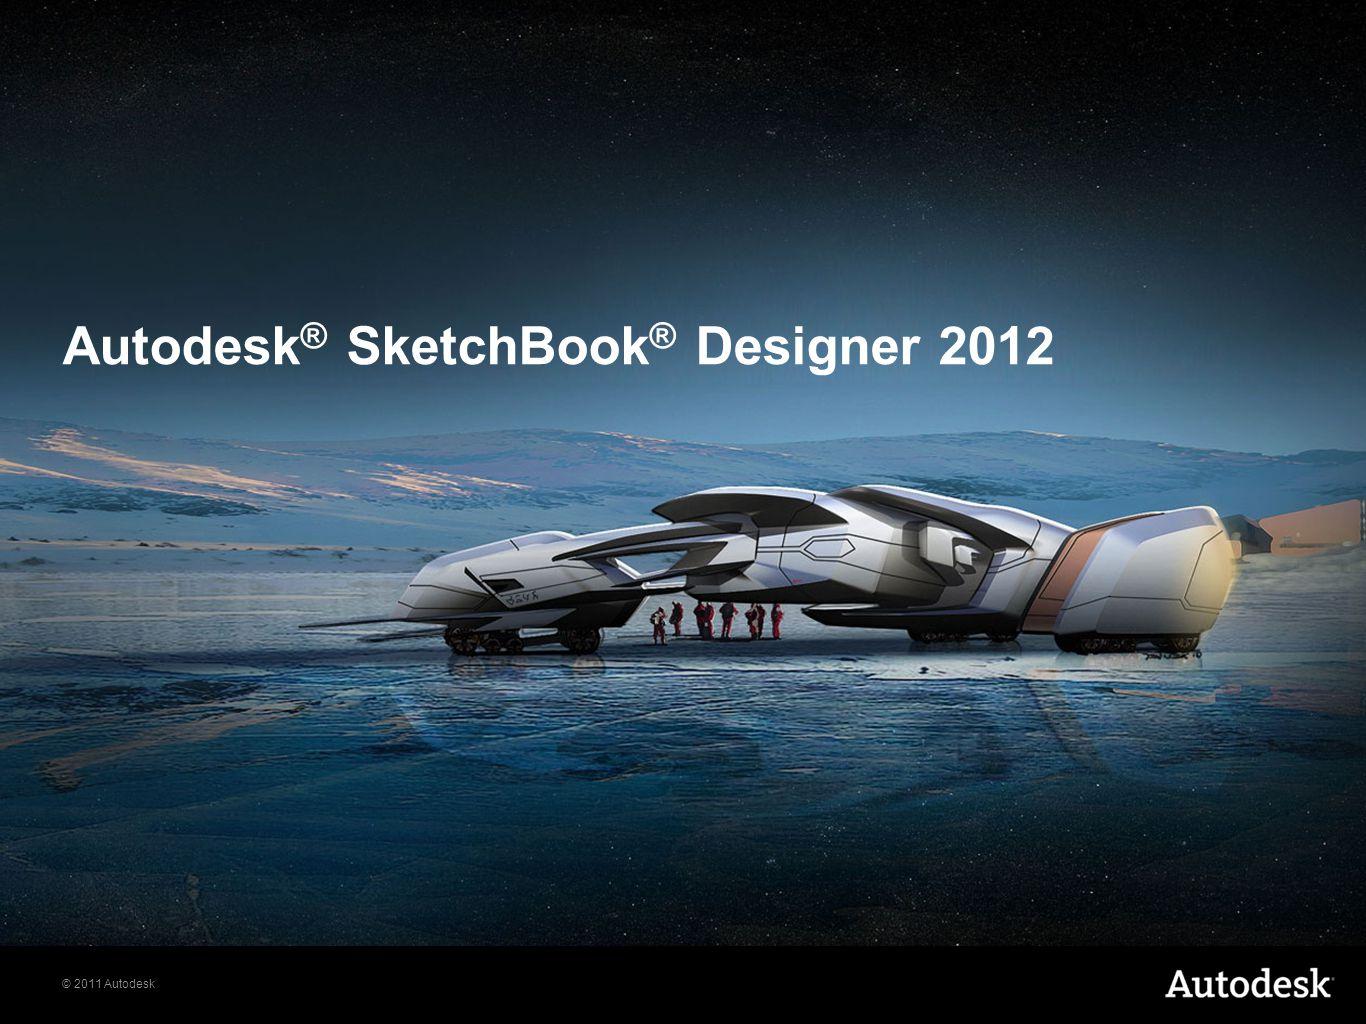 Autodesk® SketchBook® Designer 2012